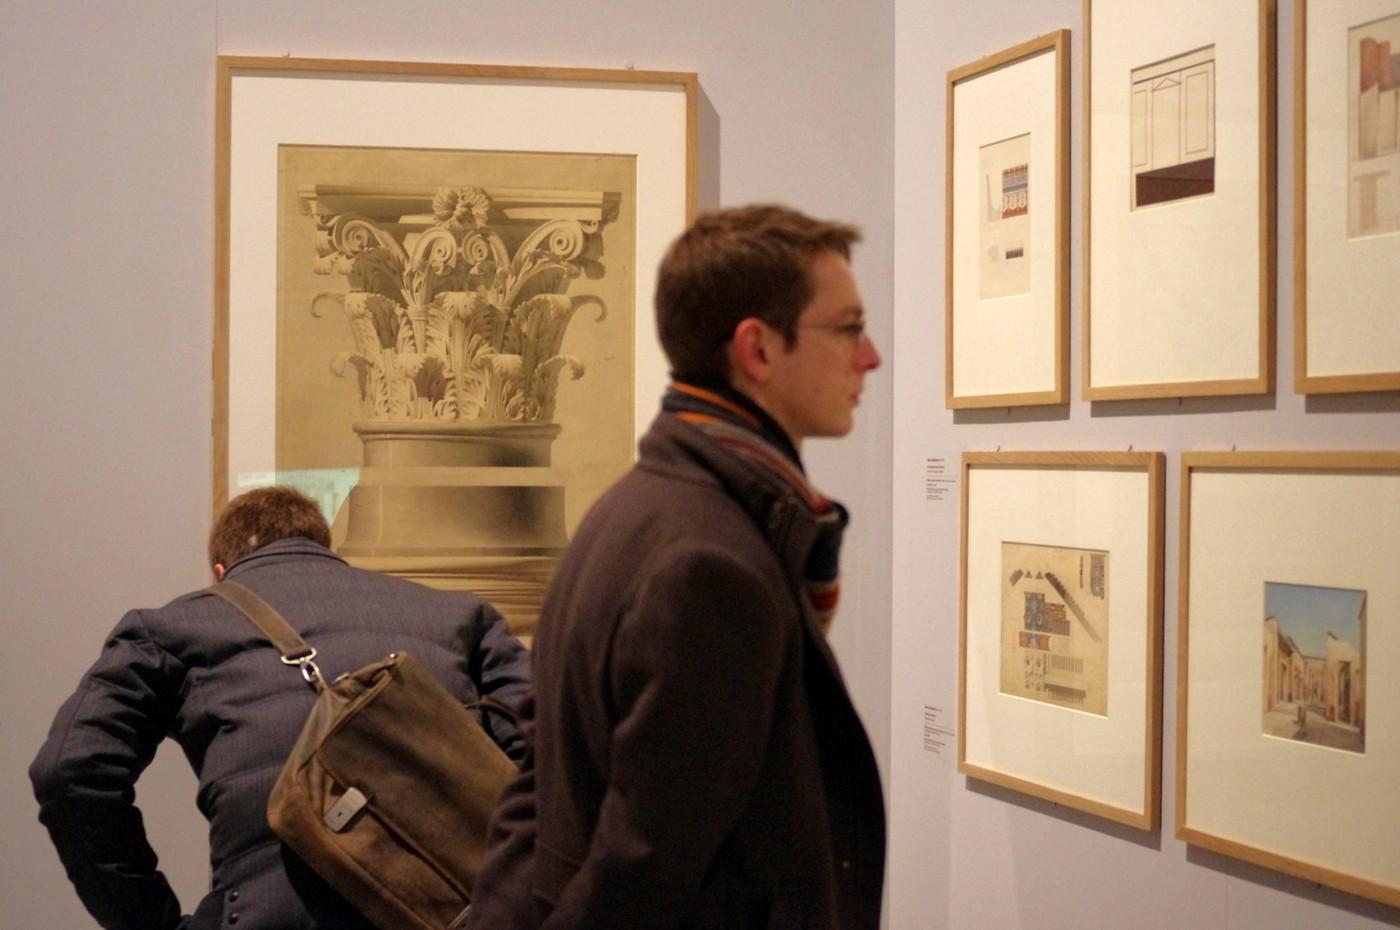 Kurátoři výstavy Corinne Bélierová, Barry Bergdoll a Marc Le Cœur společně s architektem výstavy Manuellem Gautrandem hojnými ukázkami raných děl veřejnosti přibližovali Labroustovu zálibu ve studiu starobylé architektury a přenos některých jejích prvků do moderní doby